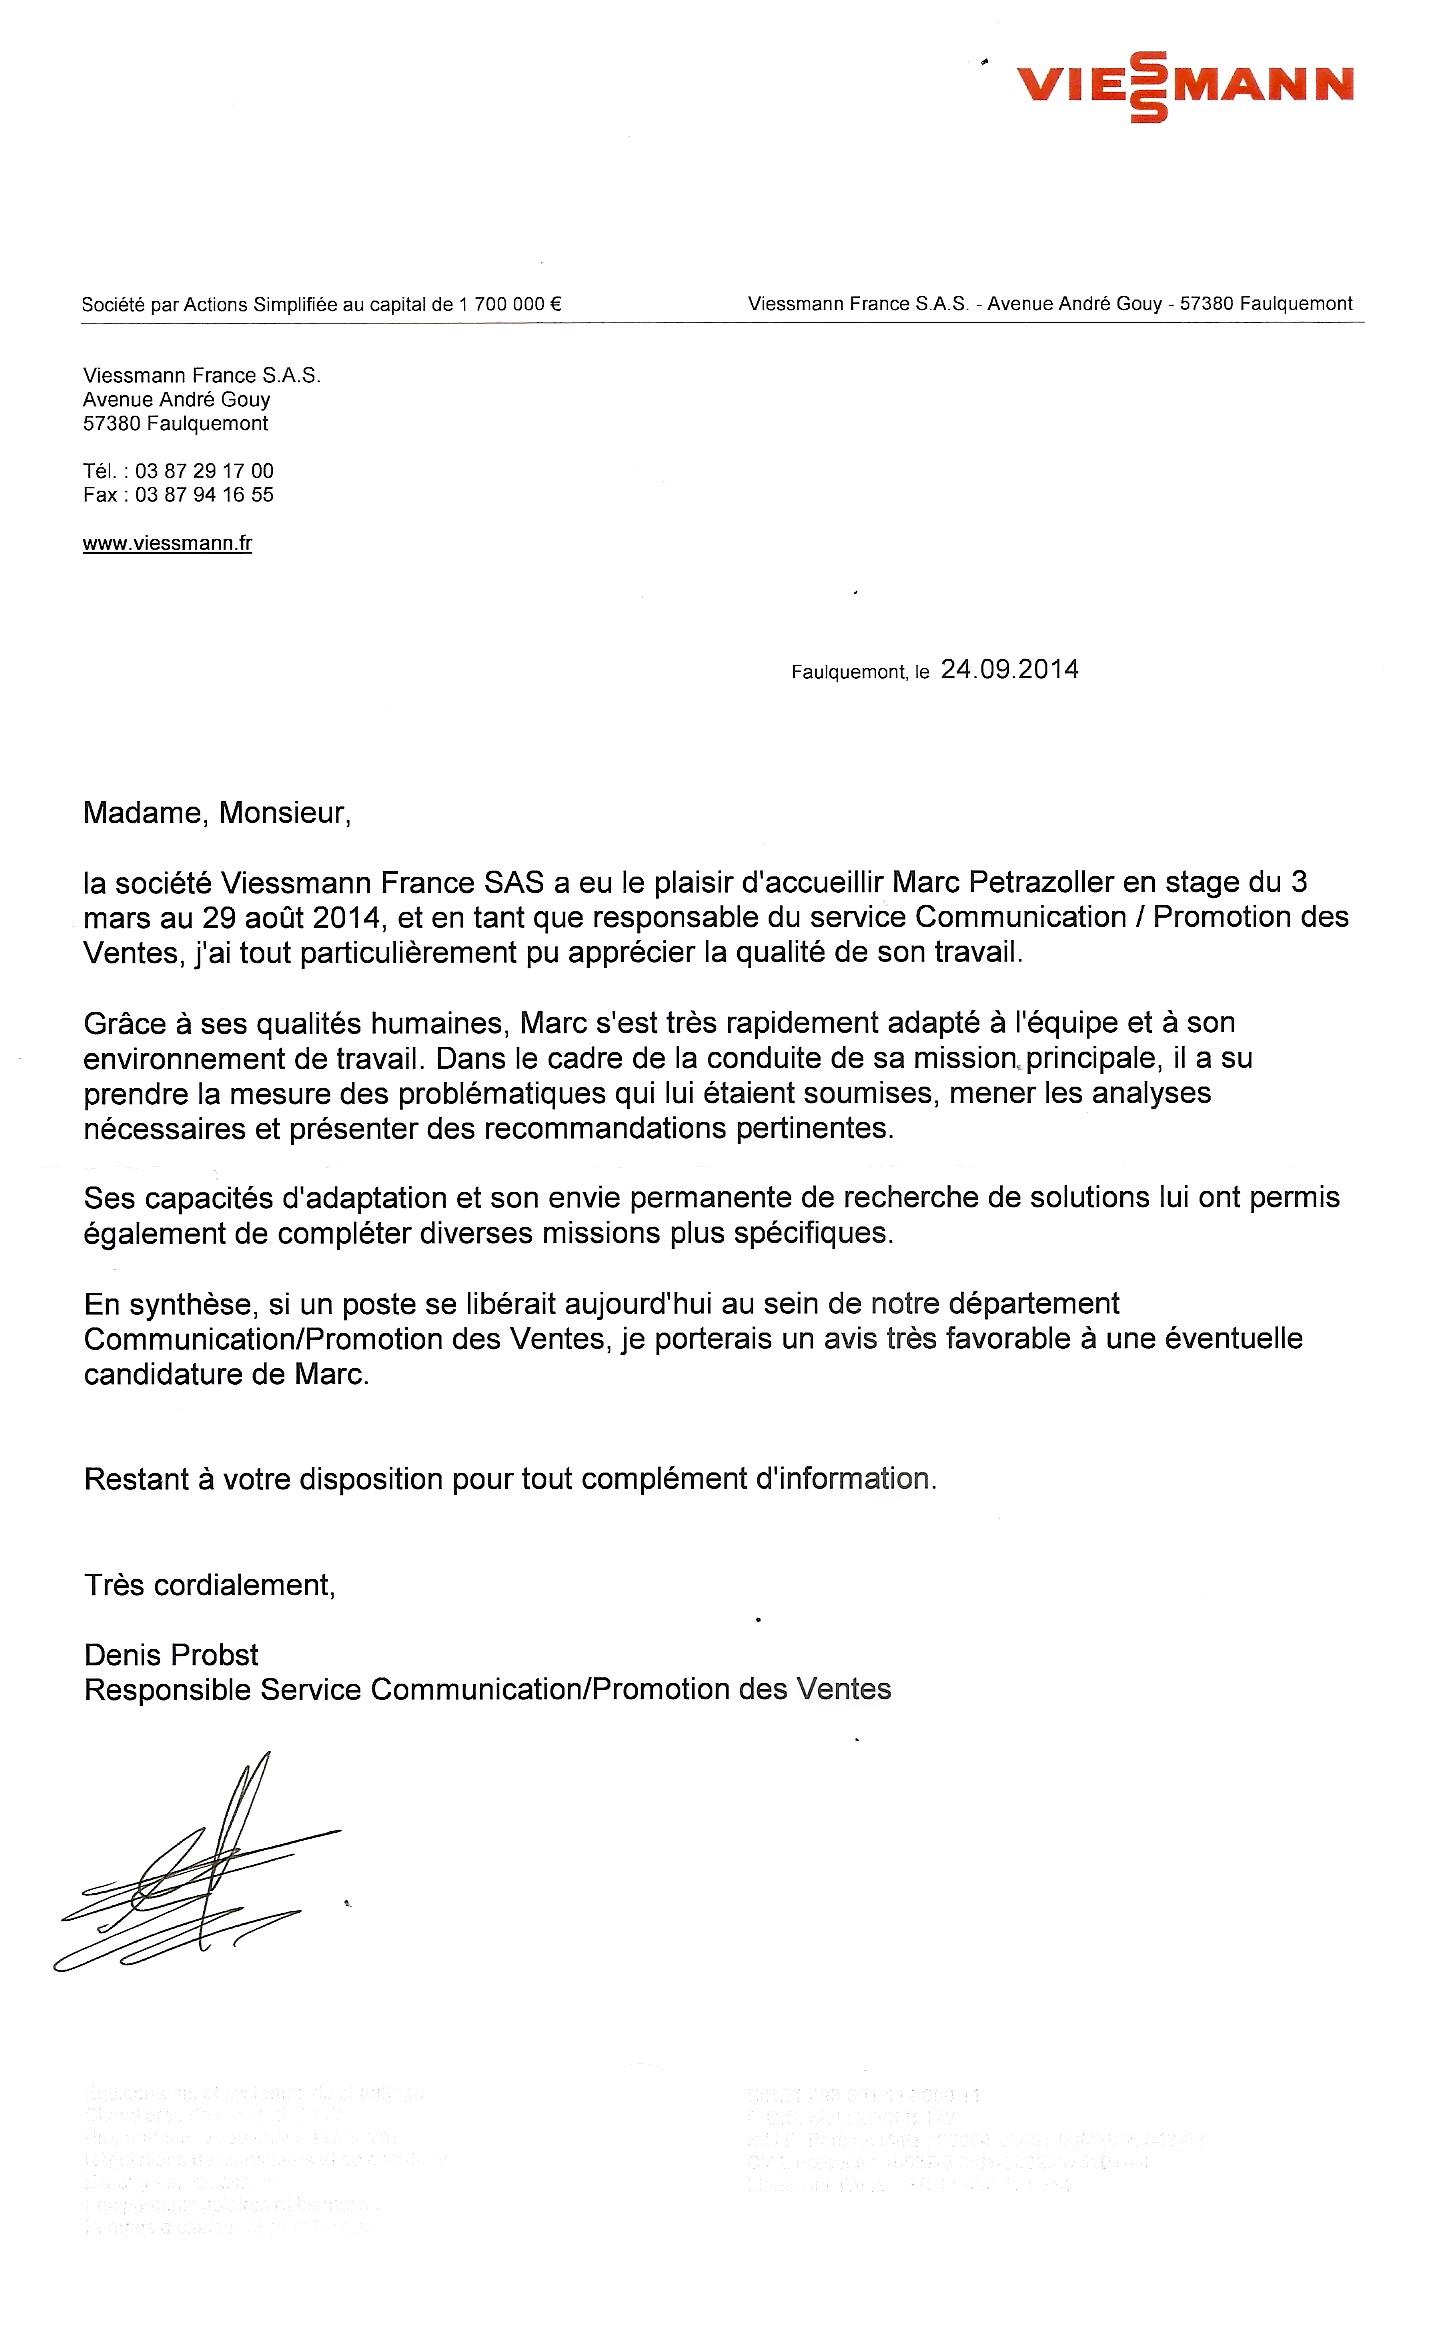 lettre de recommandation qualites humaines